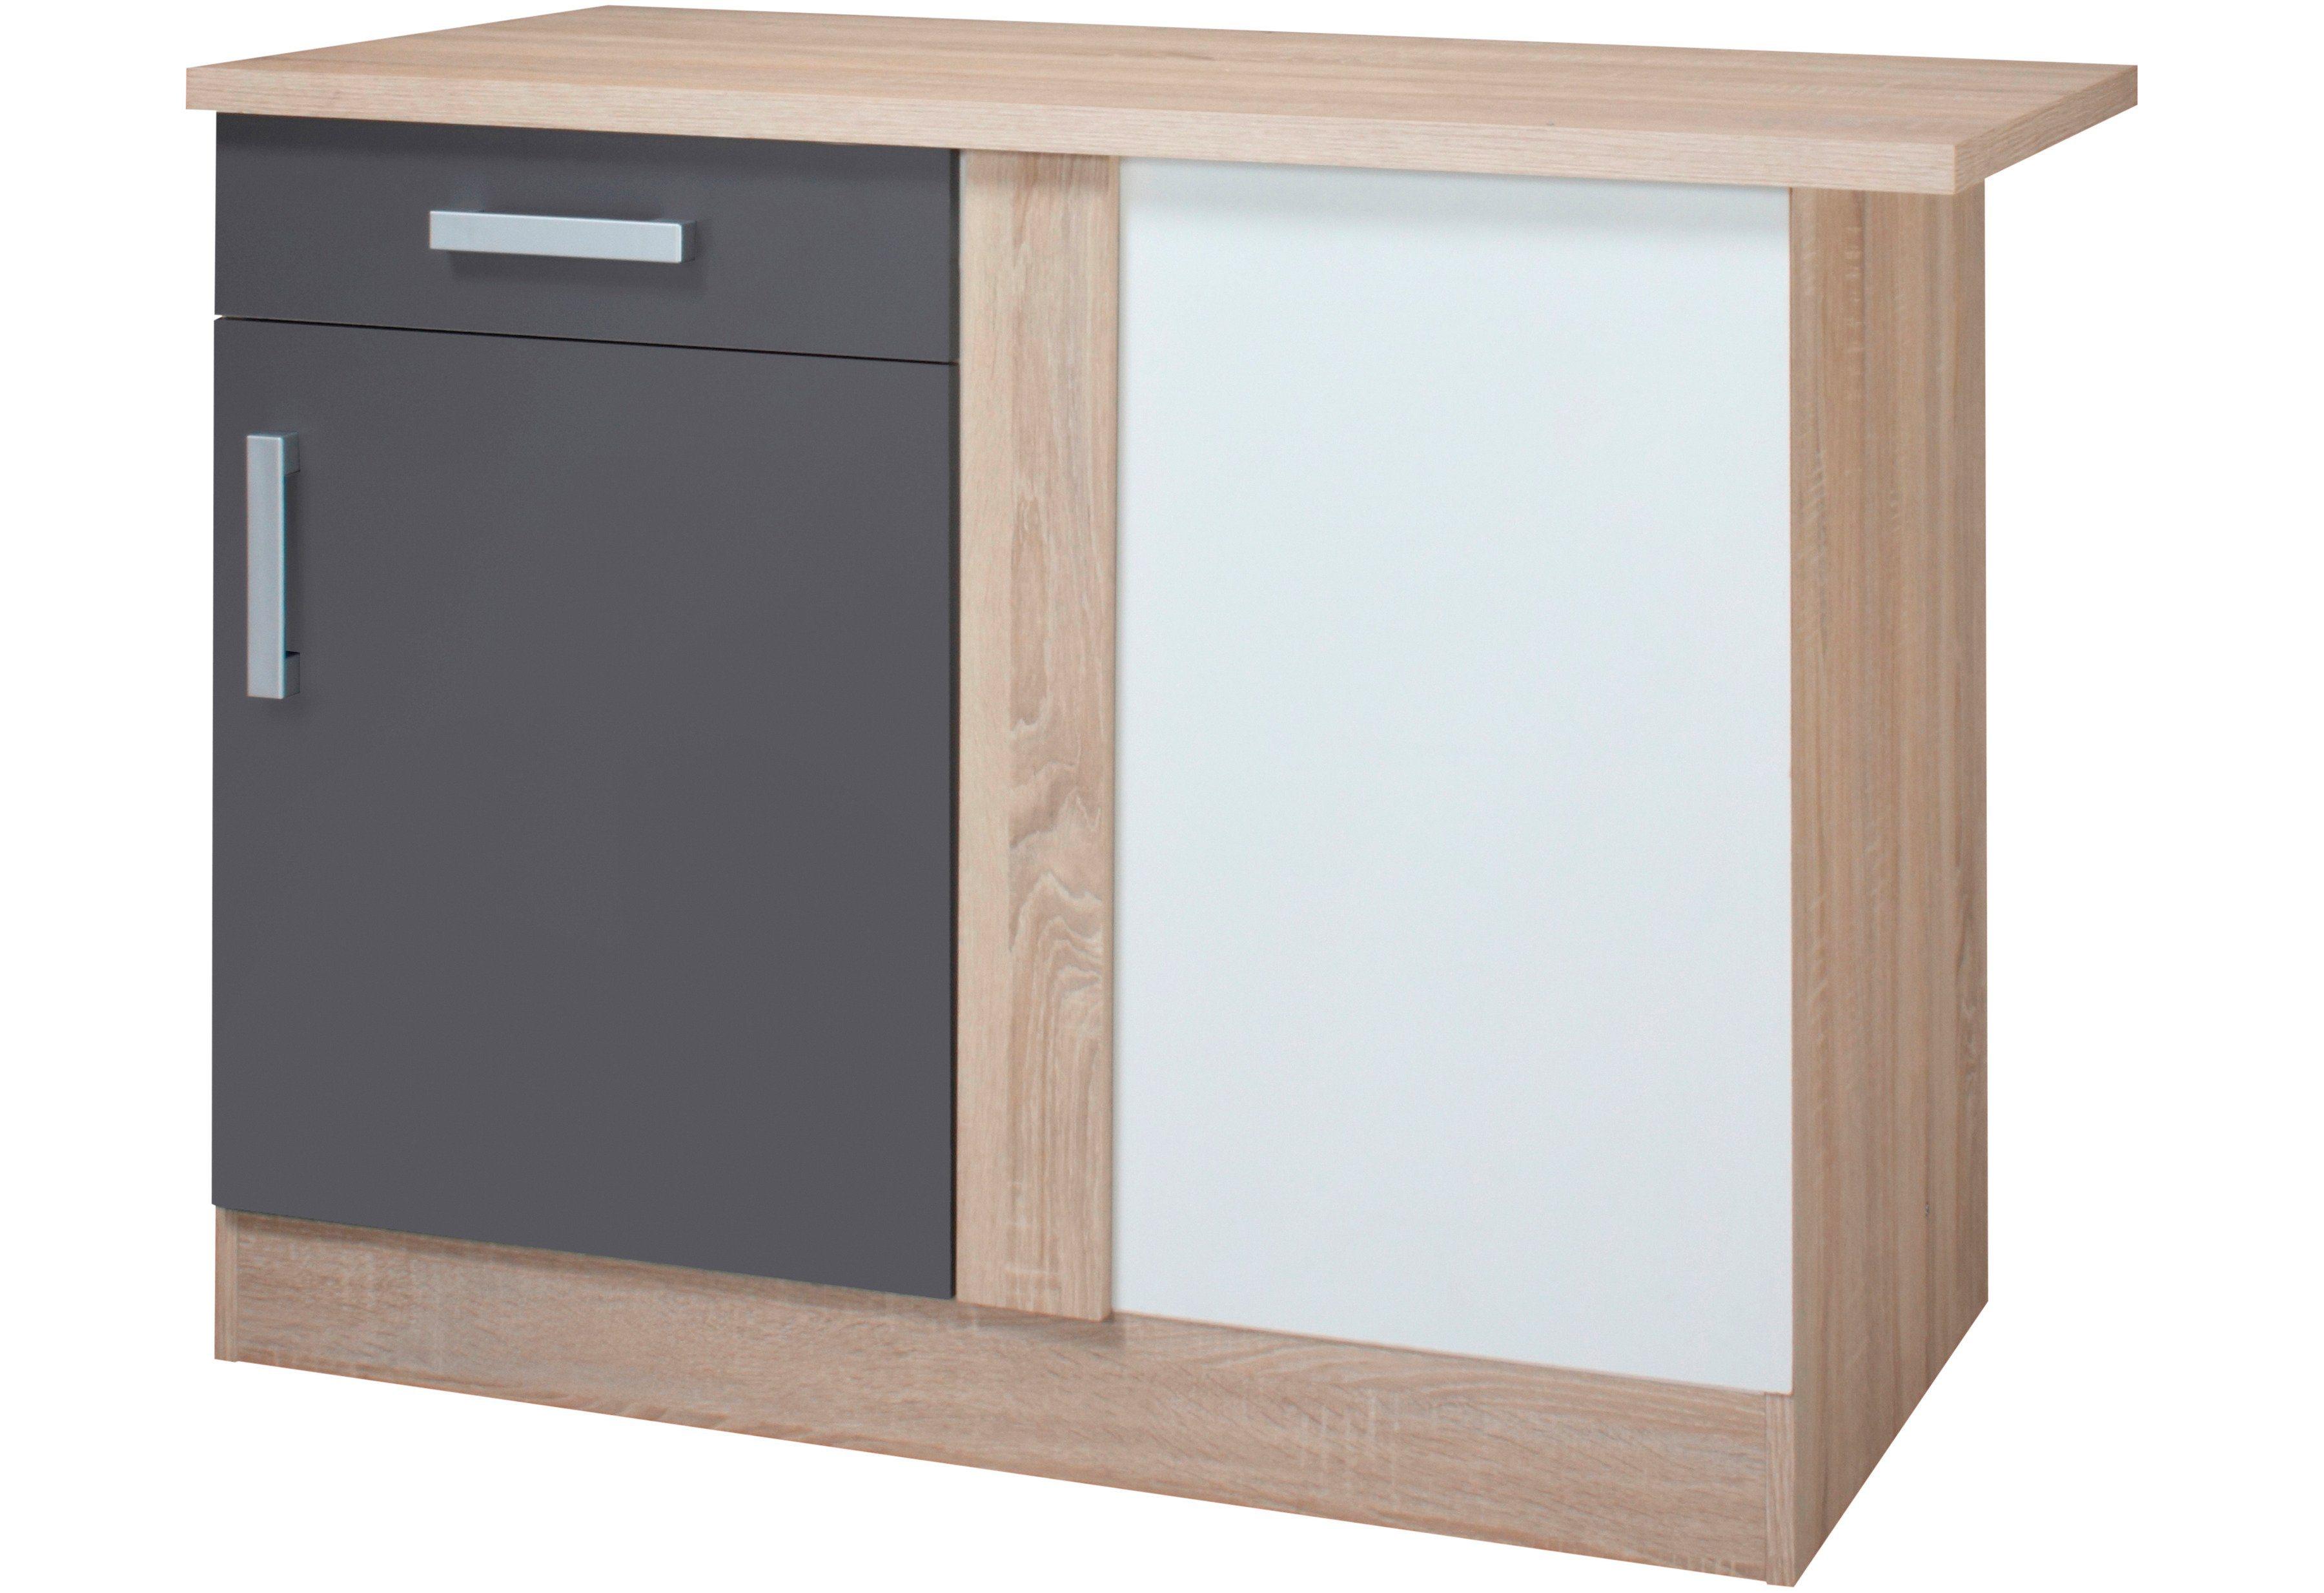 bambus Küchen-Unterschränke online kaufen | Möbel-Suchmaschine ...